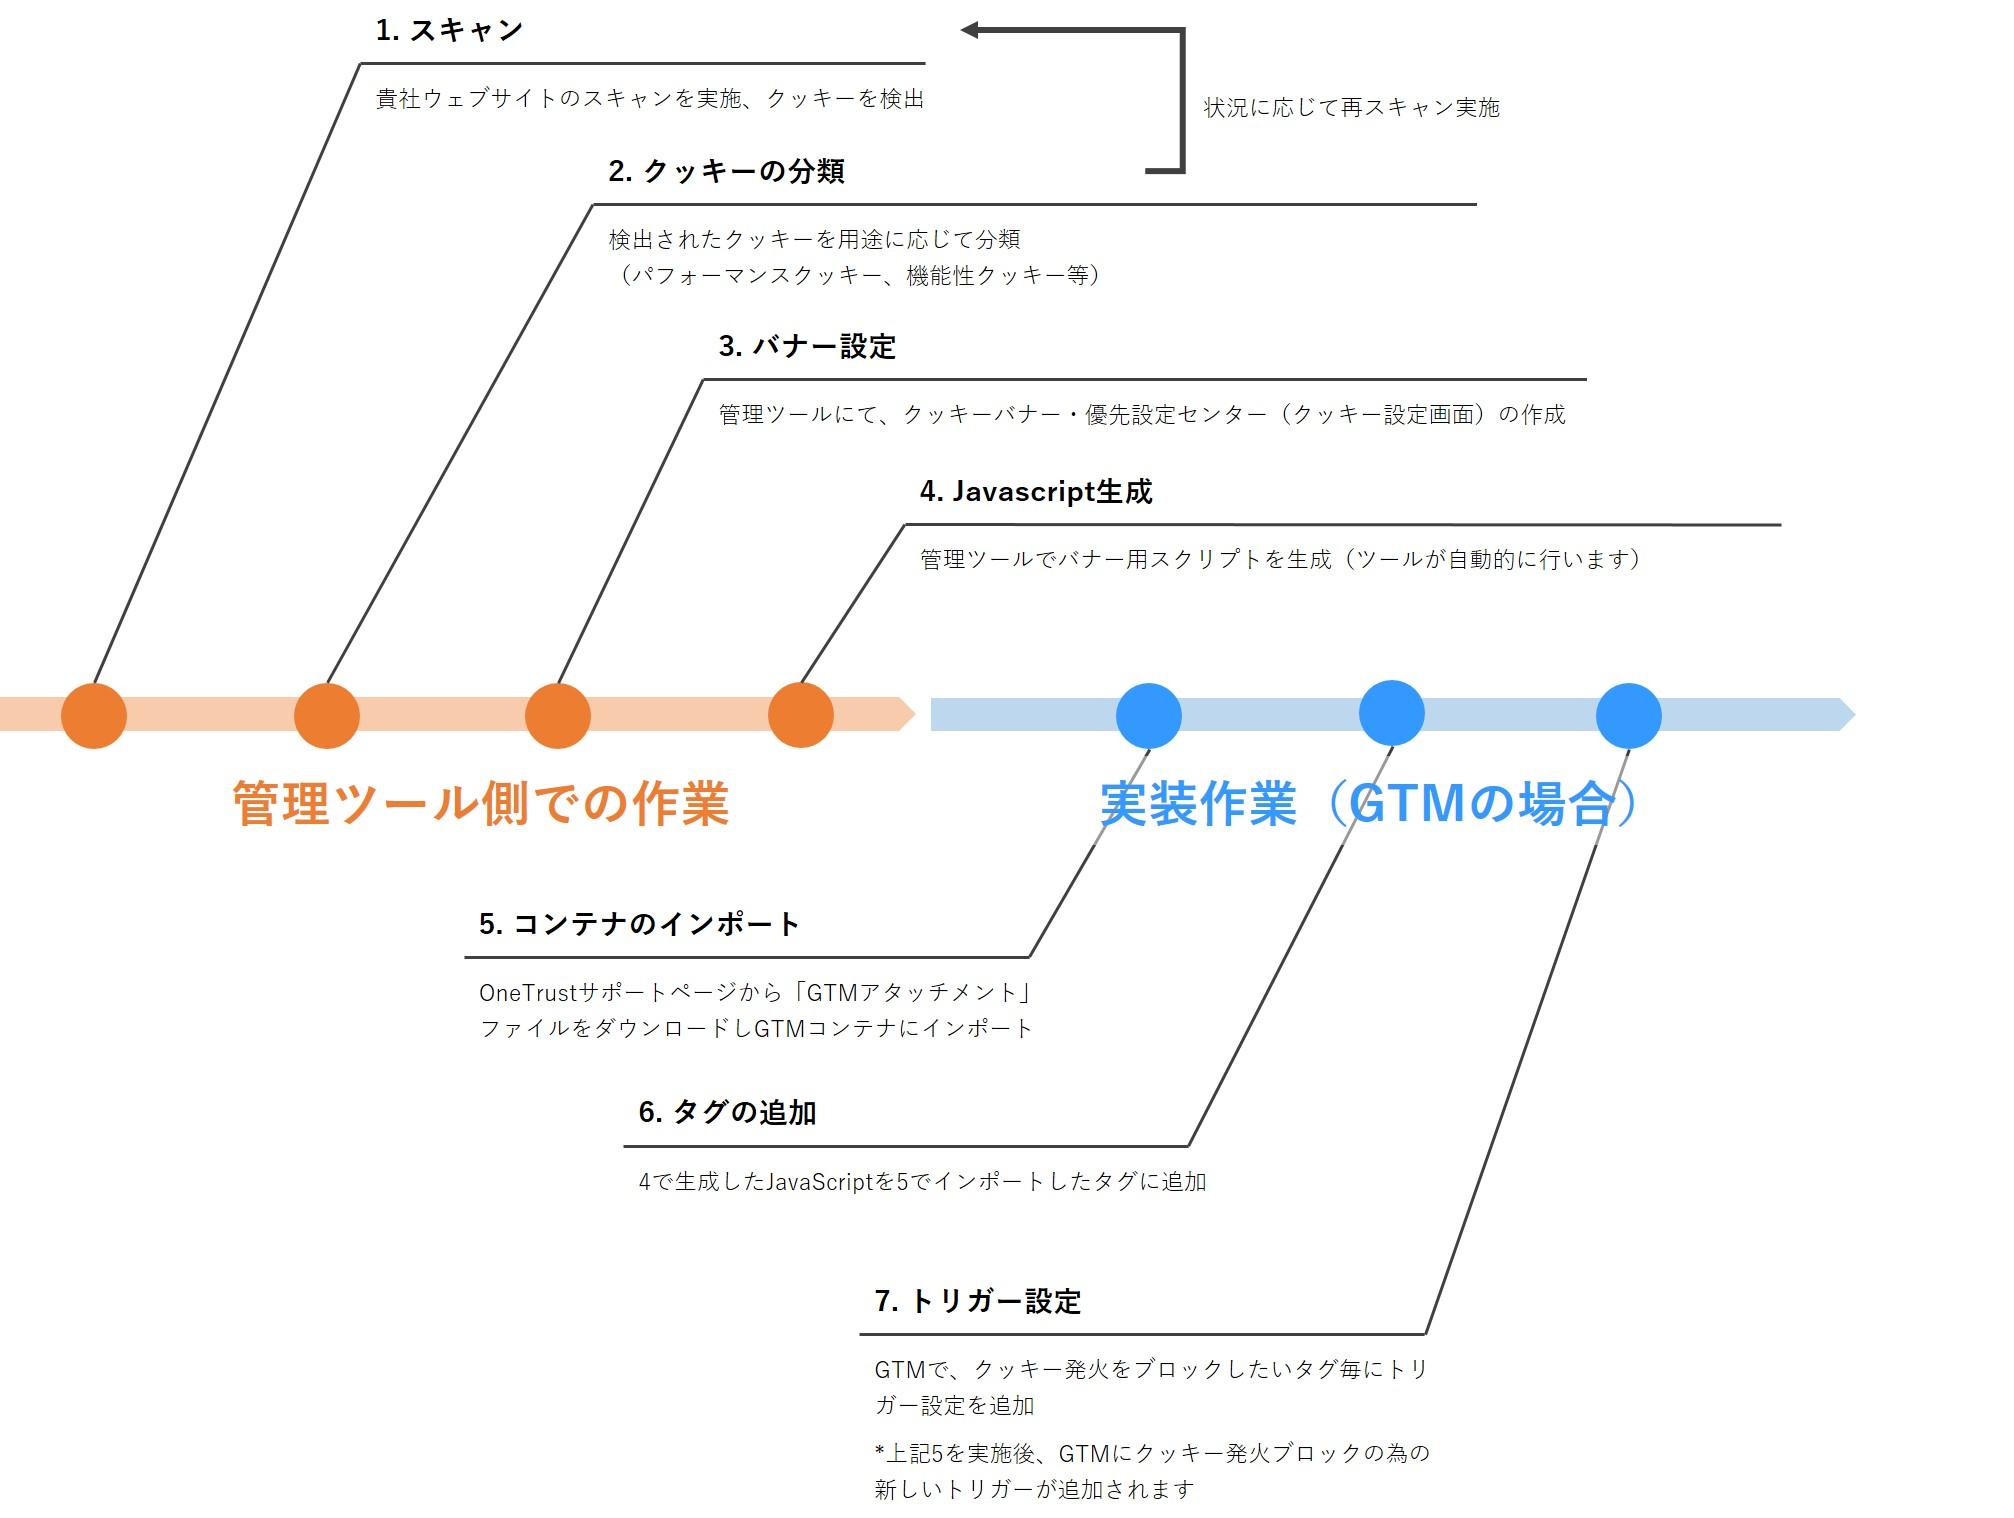 20. ブログ - 【公開OK】クッキー同意管理ツールの疑問解決 挿絵